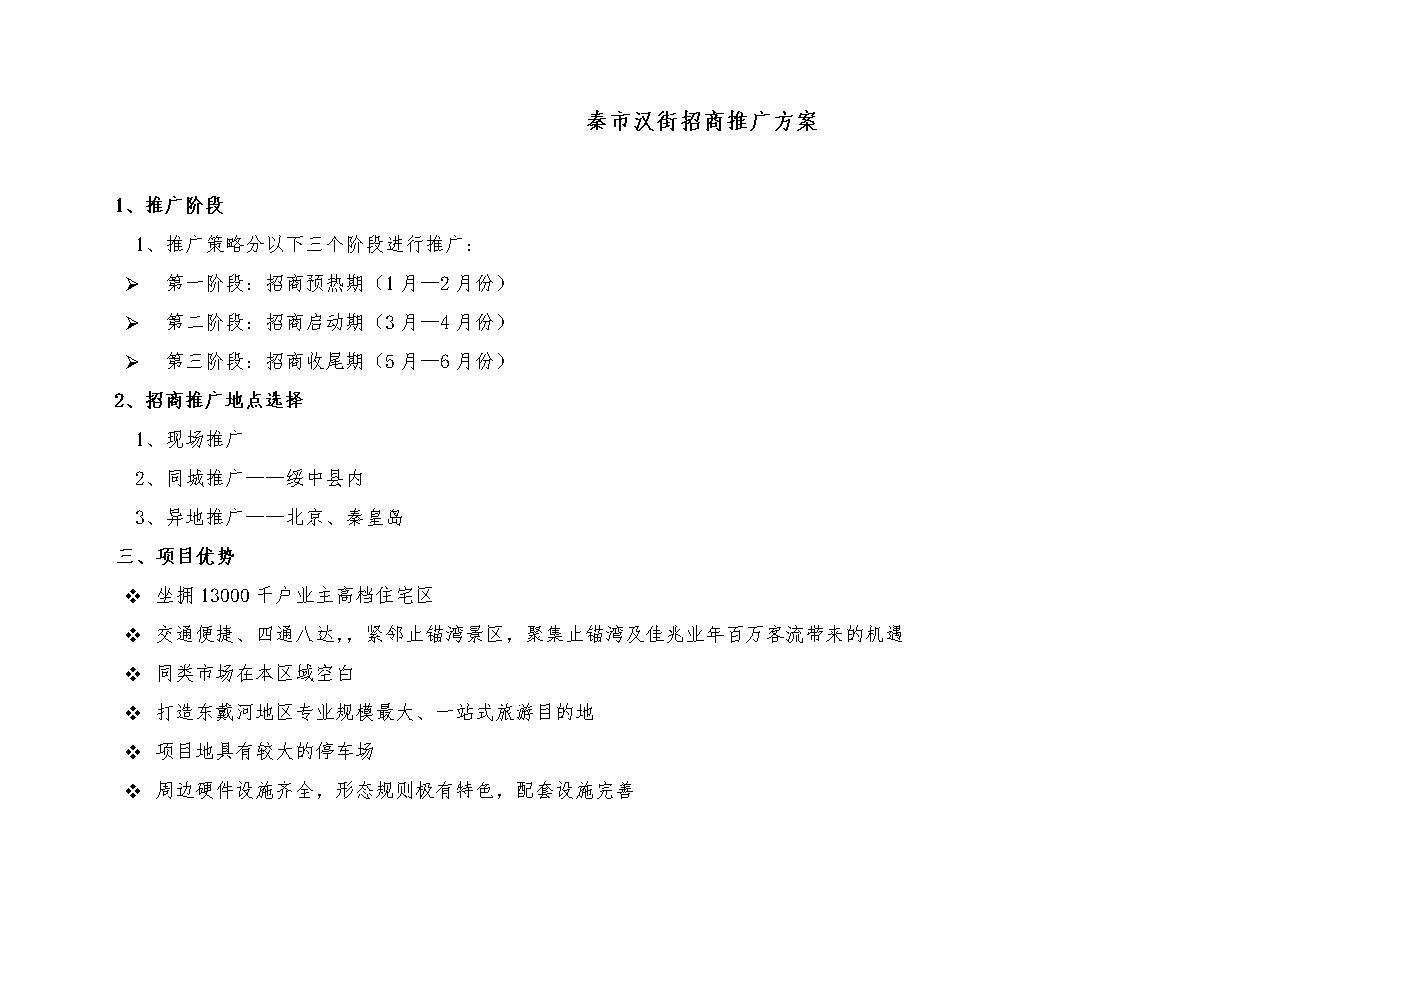 商业街招商推广方案.doc